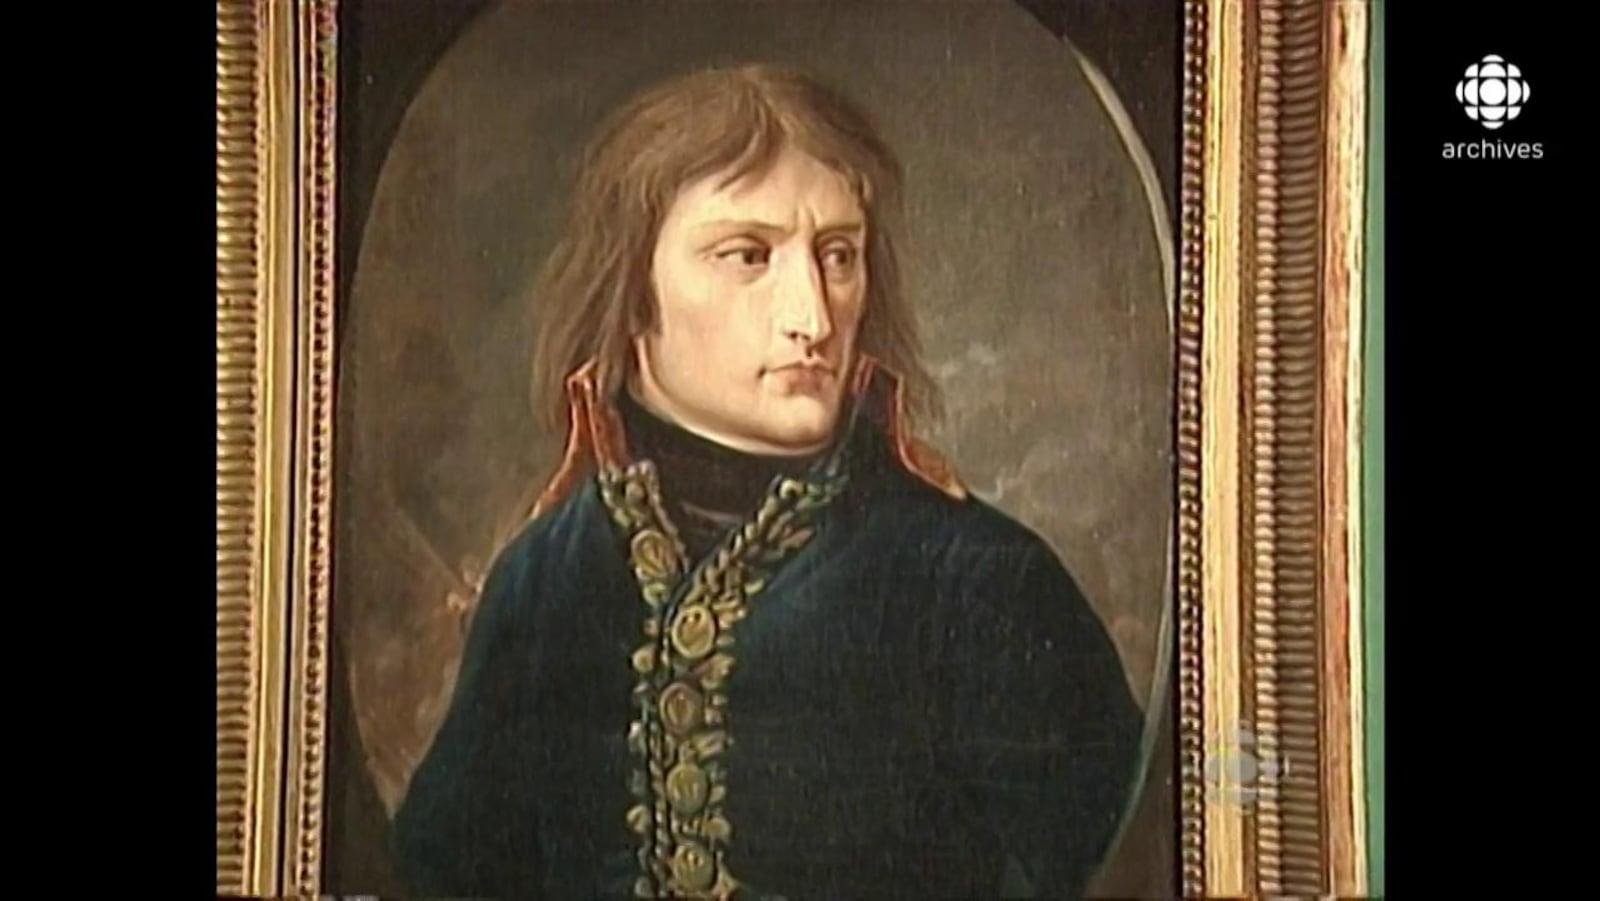 Portrait de Napoléon Bonaparte qui porte un habit bleu boutonné.